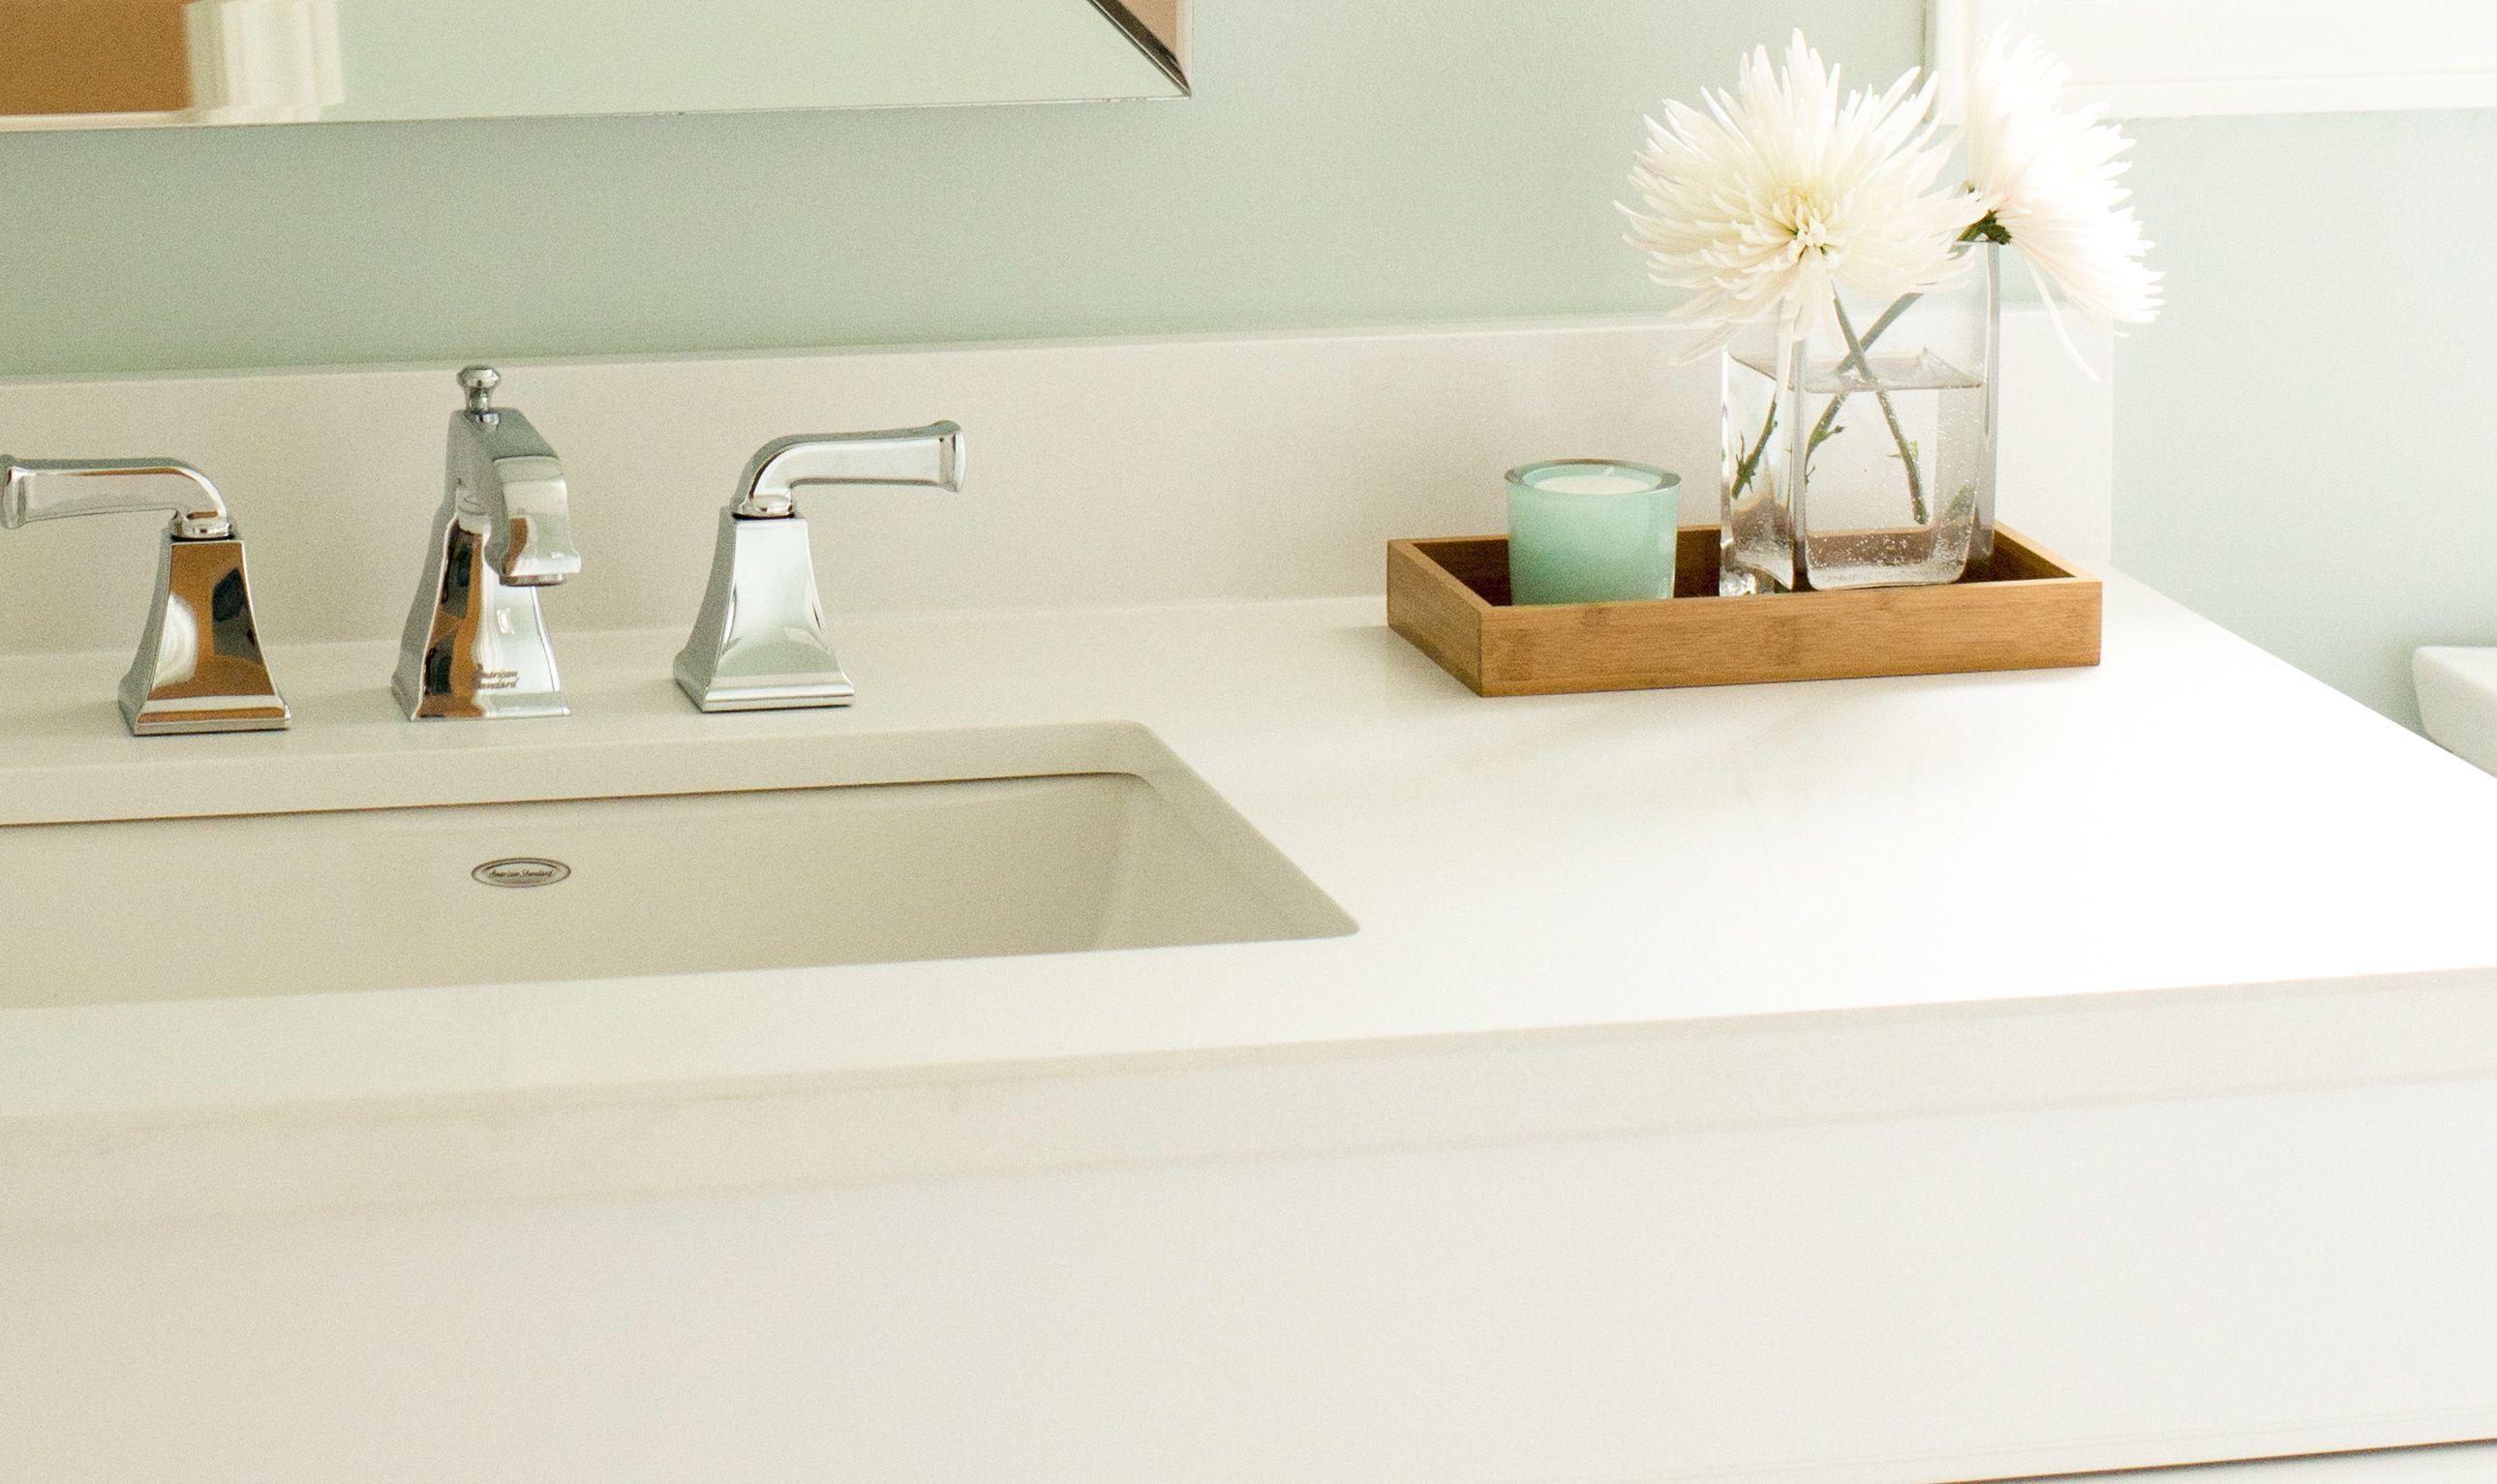 Bathroom vanity countertop installation latitude